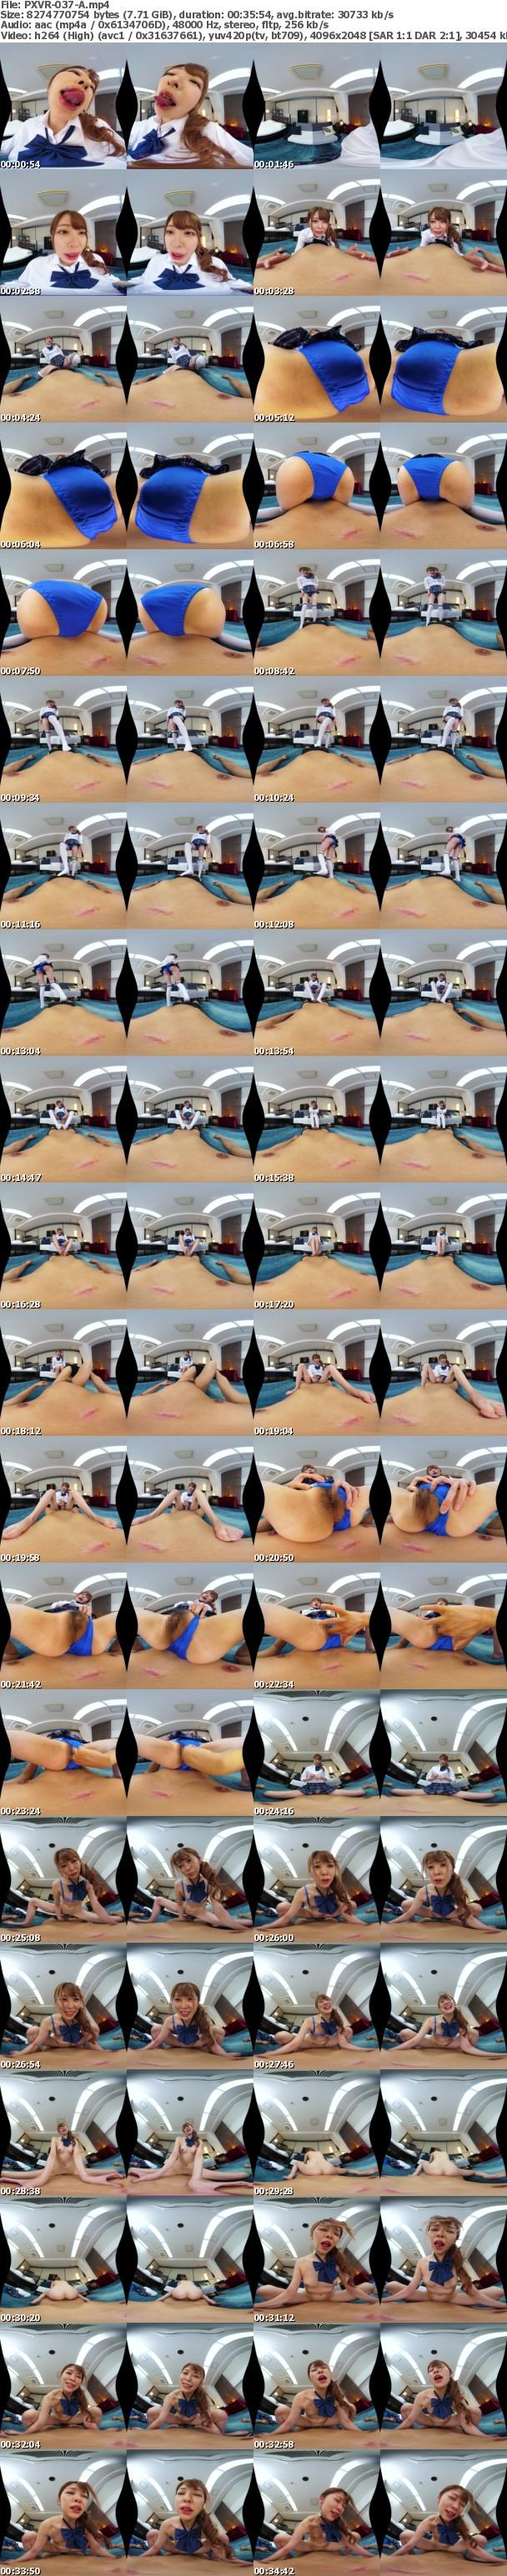 (VR) PXVR-037 モデル級美女降臨!小悪魔な瞳で見つめられたら即イキ確定!顔だけで抜ける美しい高身長の美脚美女との焦らし絶頂快感SEX! 森日向子